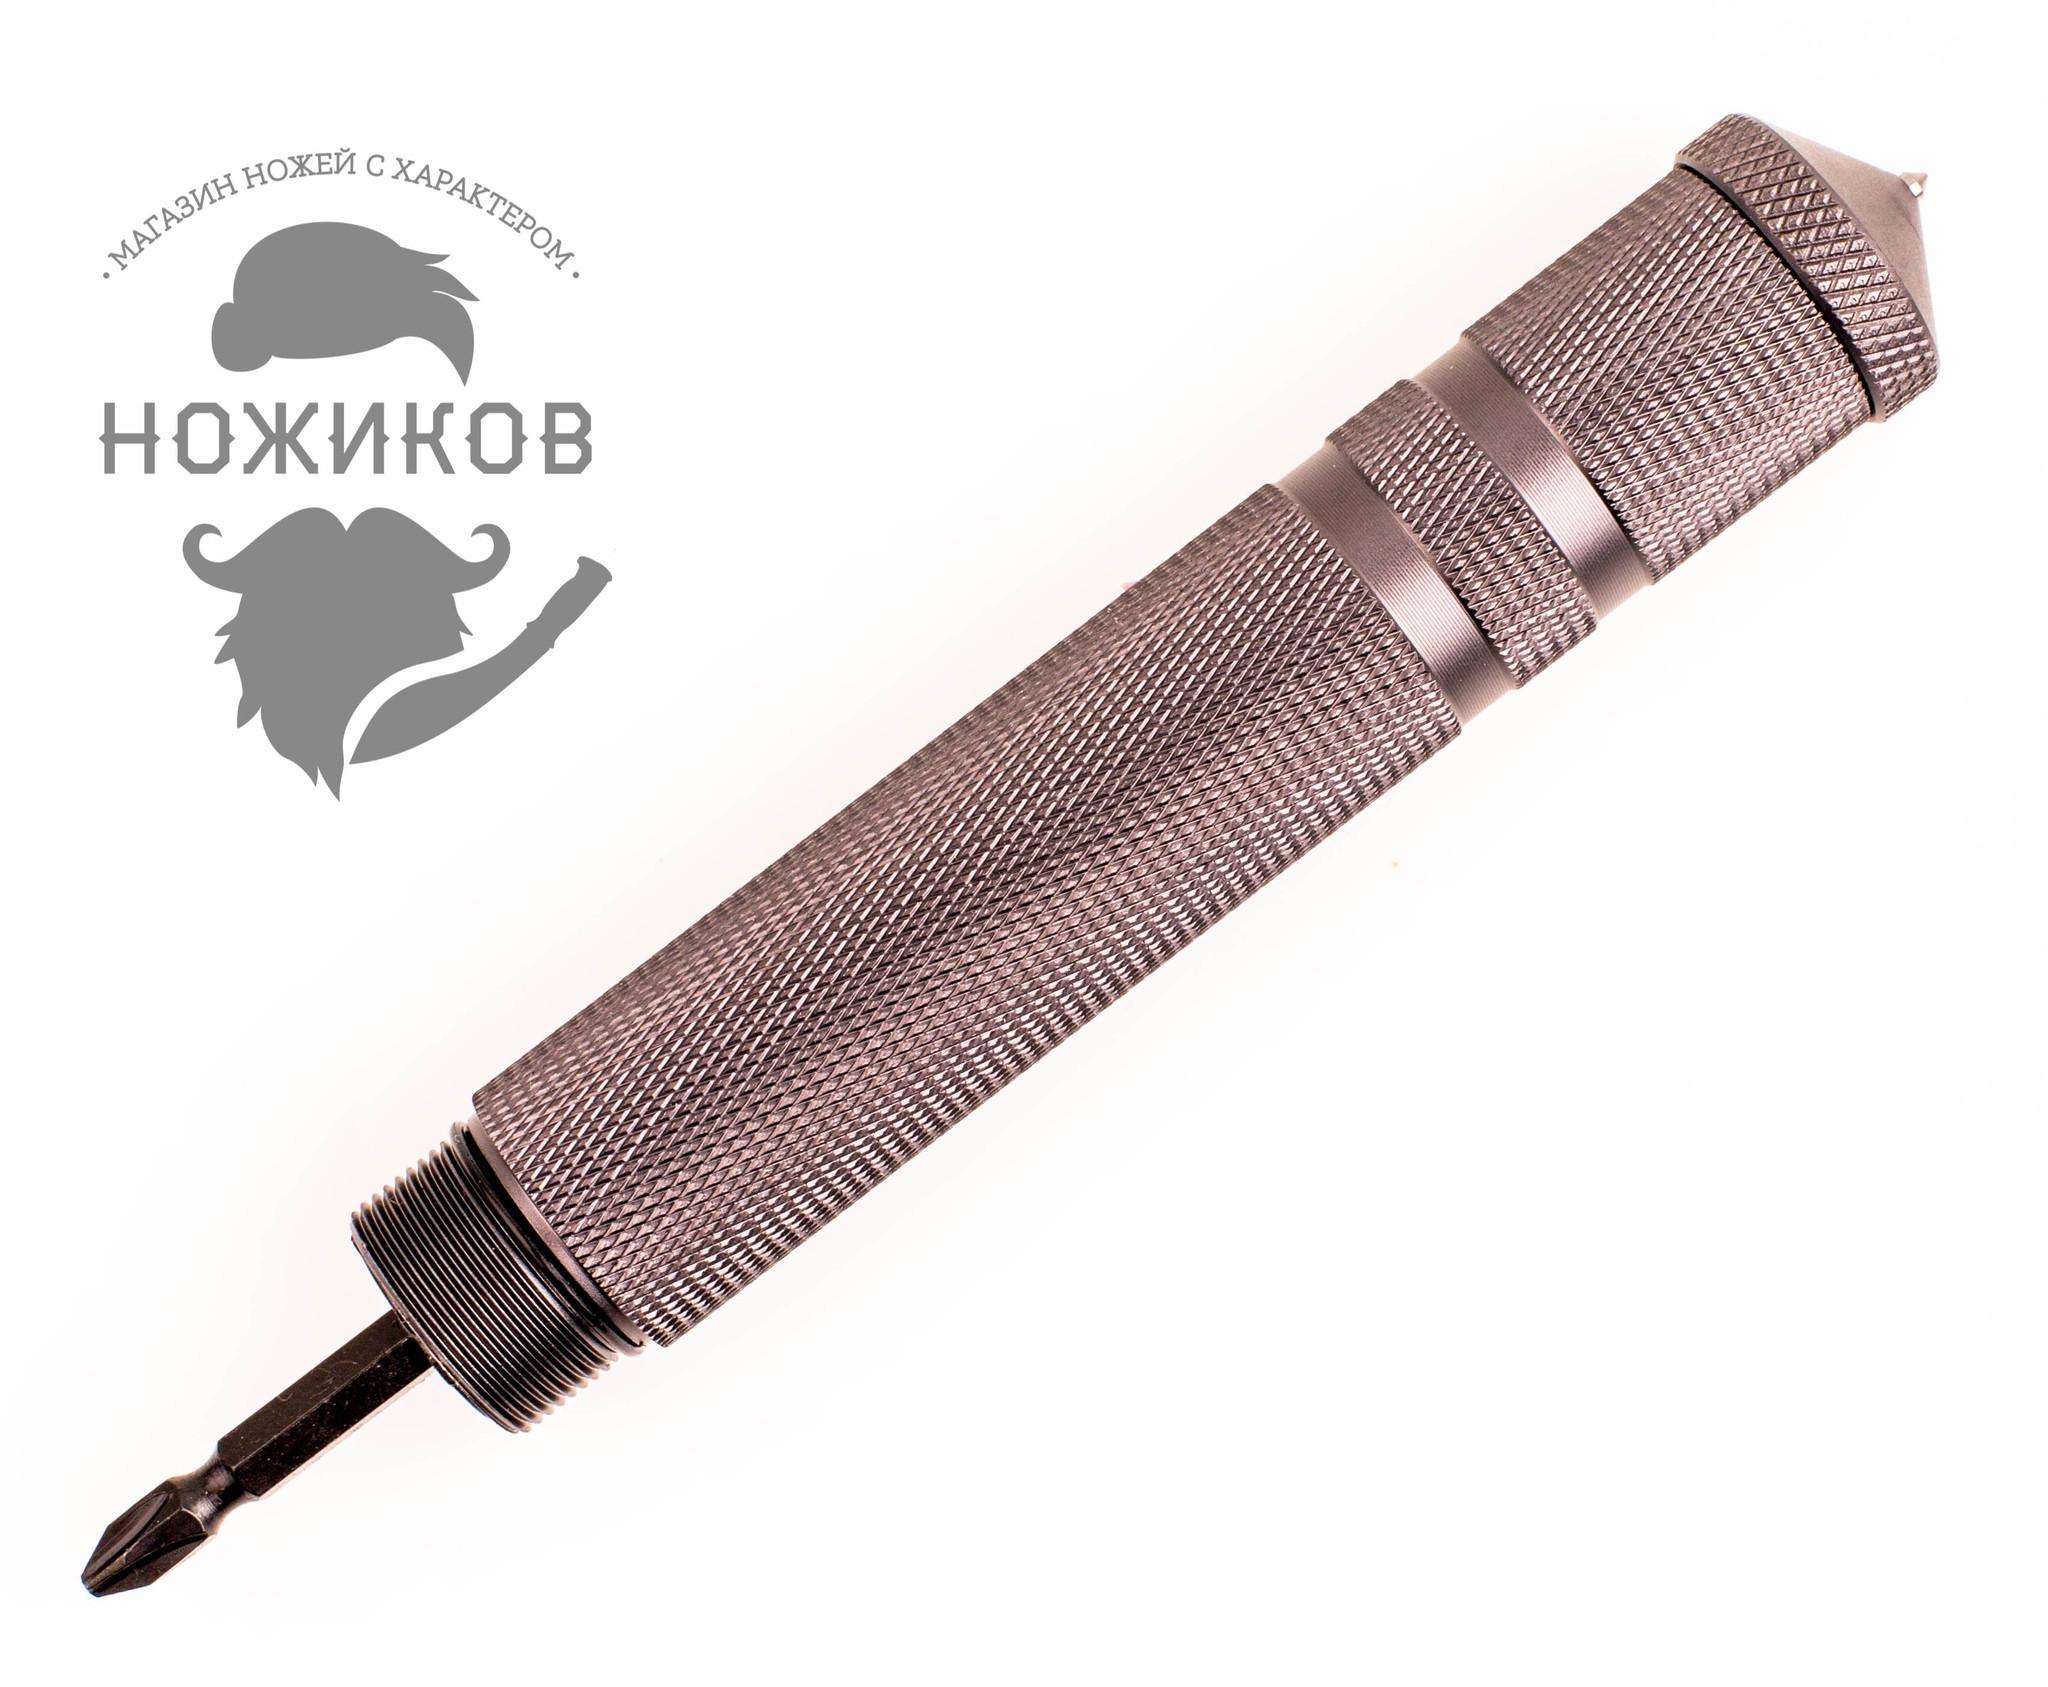 Фото 30 - Многофункциональная лопата для выживания HX Outdoor 19-в-1 от Noname